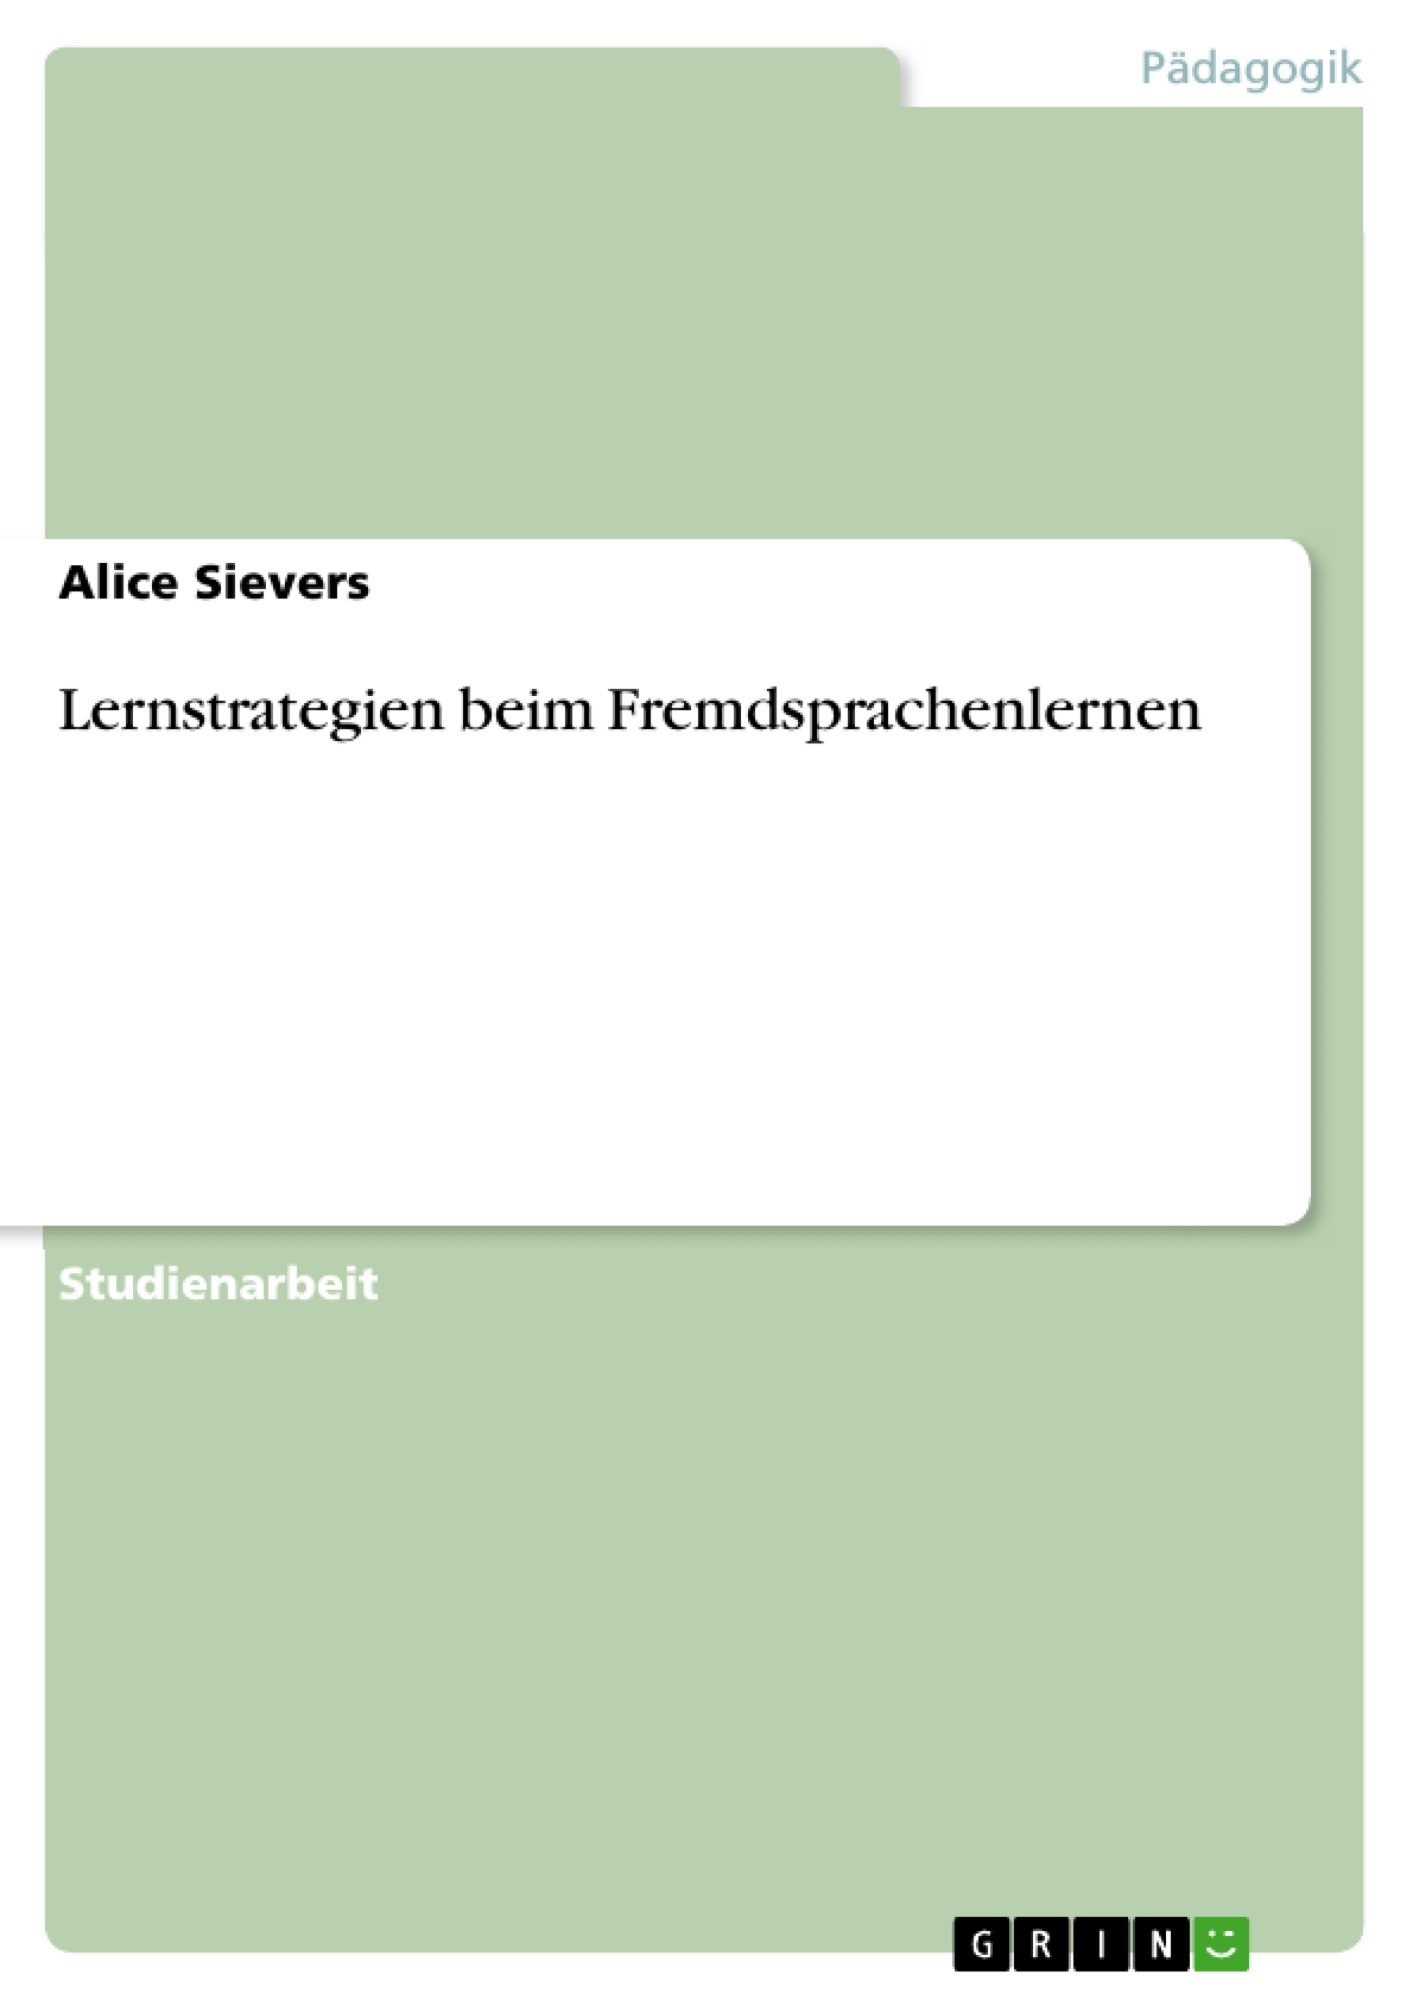 Titel: Lernstrategien beim Fremdsprachenlernen